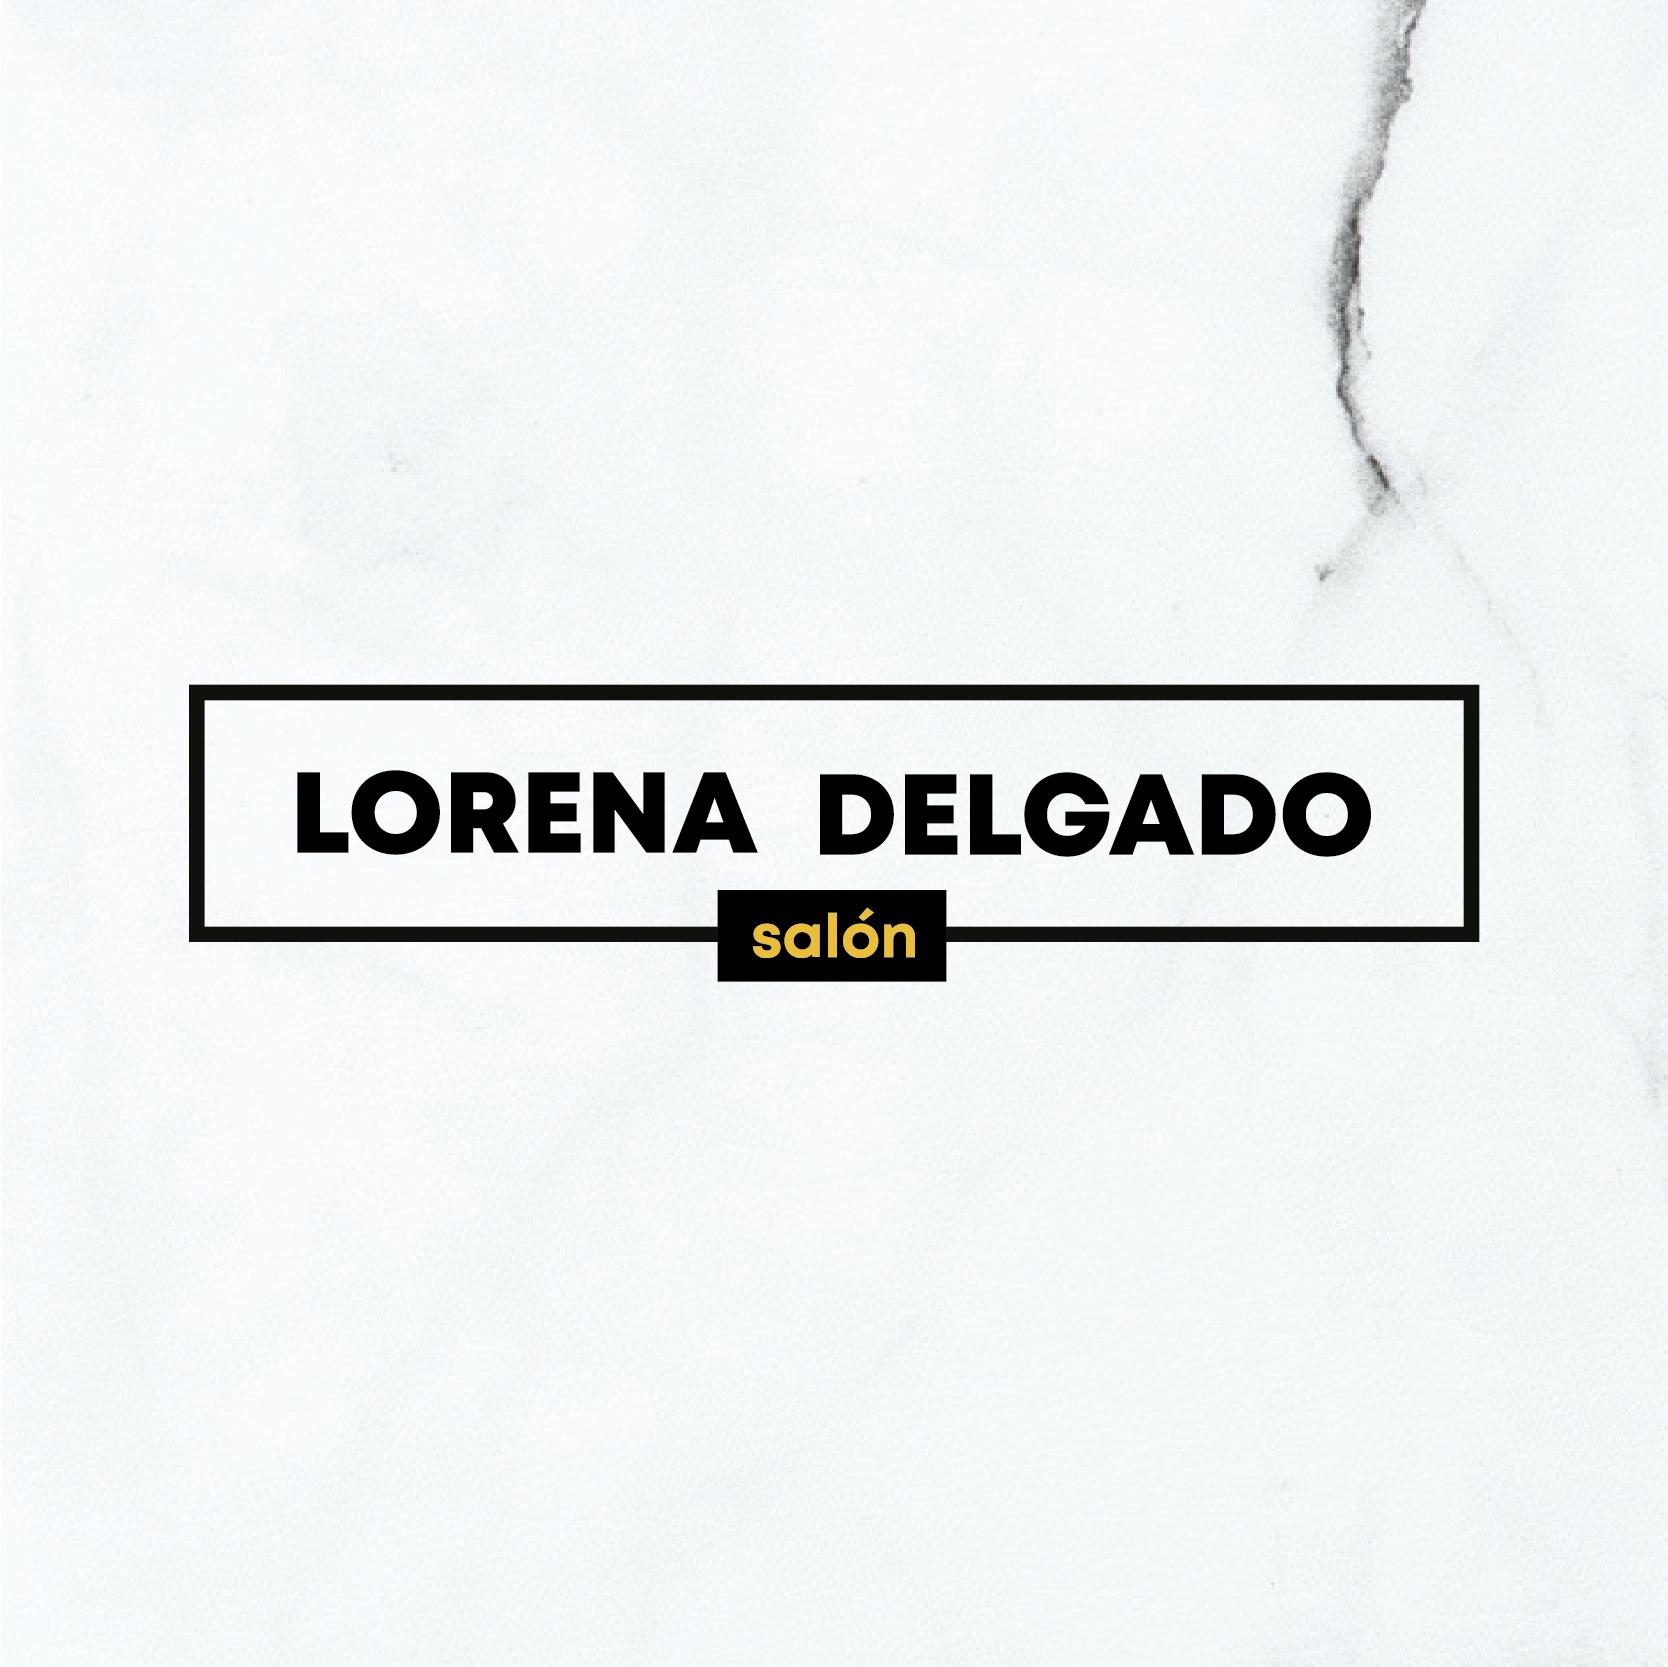 Rediseño de Isologotipo para Lorena Delgado salón